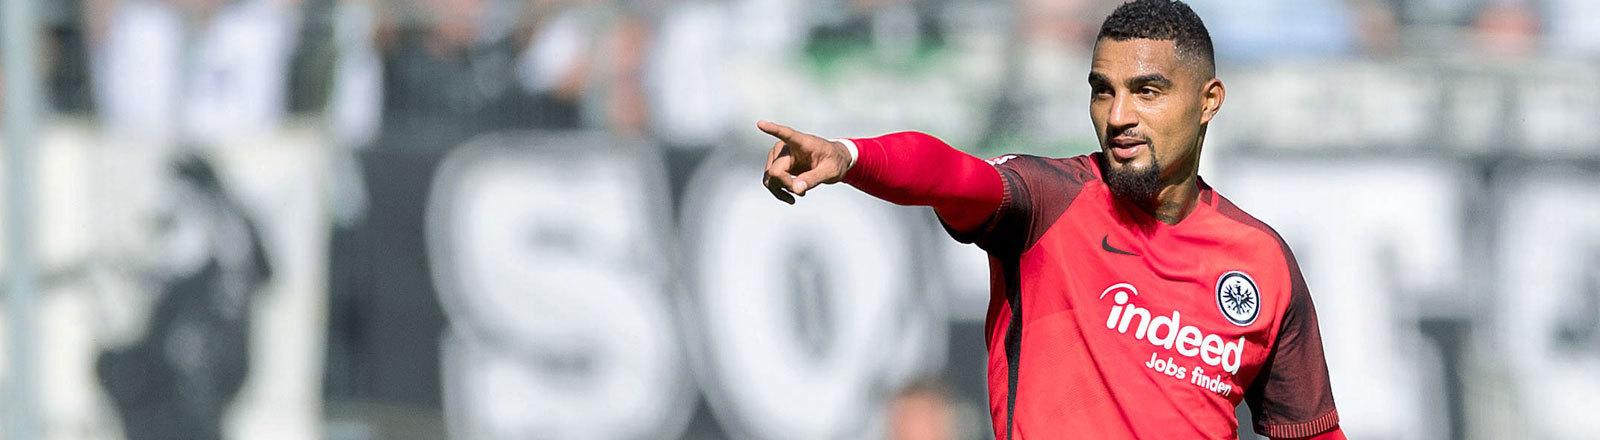 Fußball: Bundesliga, Borussia Mönchengladbach - Eintracht Frankfurt, 3. Spieltag am 09.09.2017 im Borussia-Park in Möchengladbach (Nordrhein-Westfalen). Frankfurts Kevin-Prince Boateng jubelt nach seinem Treffer zur 1:0 Führung.